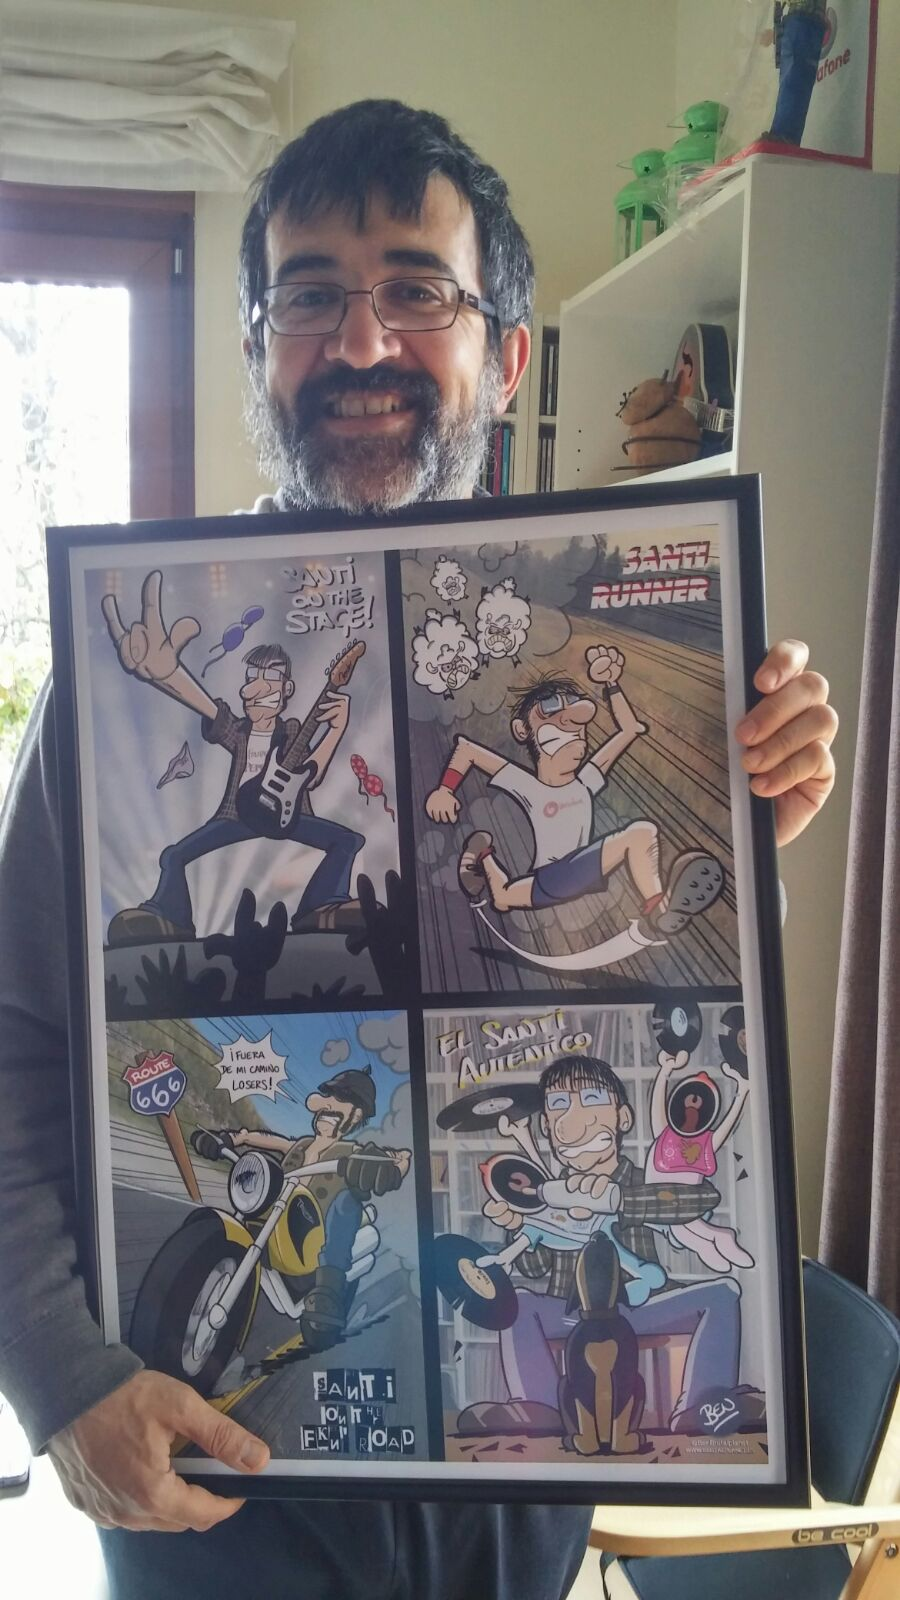 Caricatura personalizada - Las múltiples personalidades de Santi. Ese Santi todo contento!!!